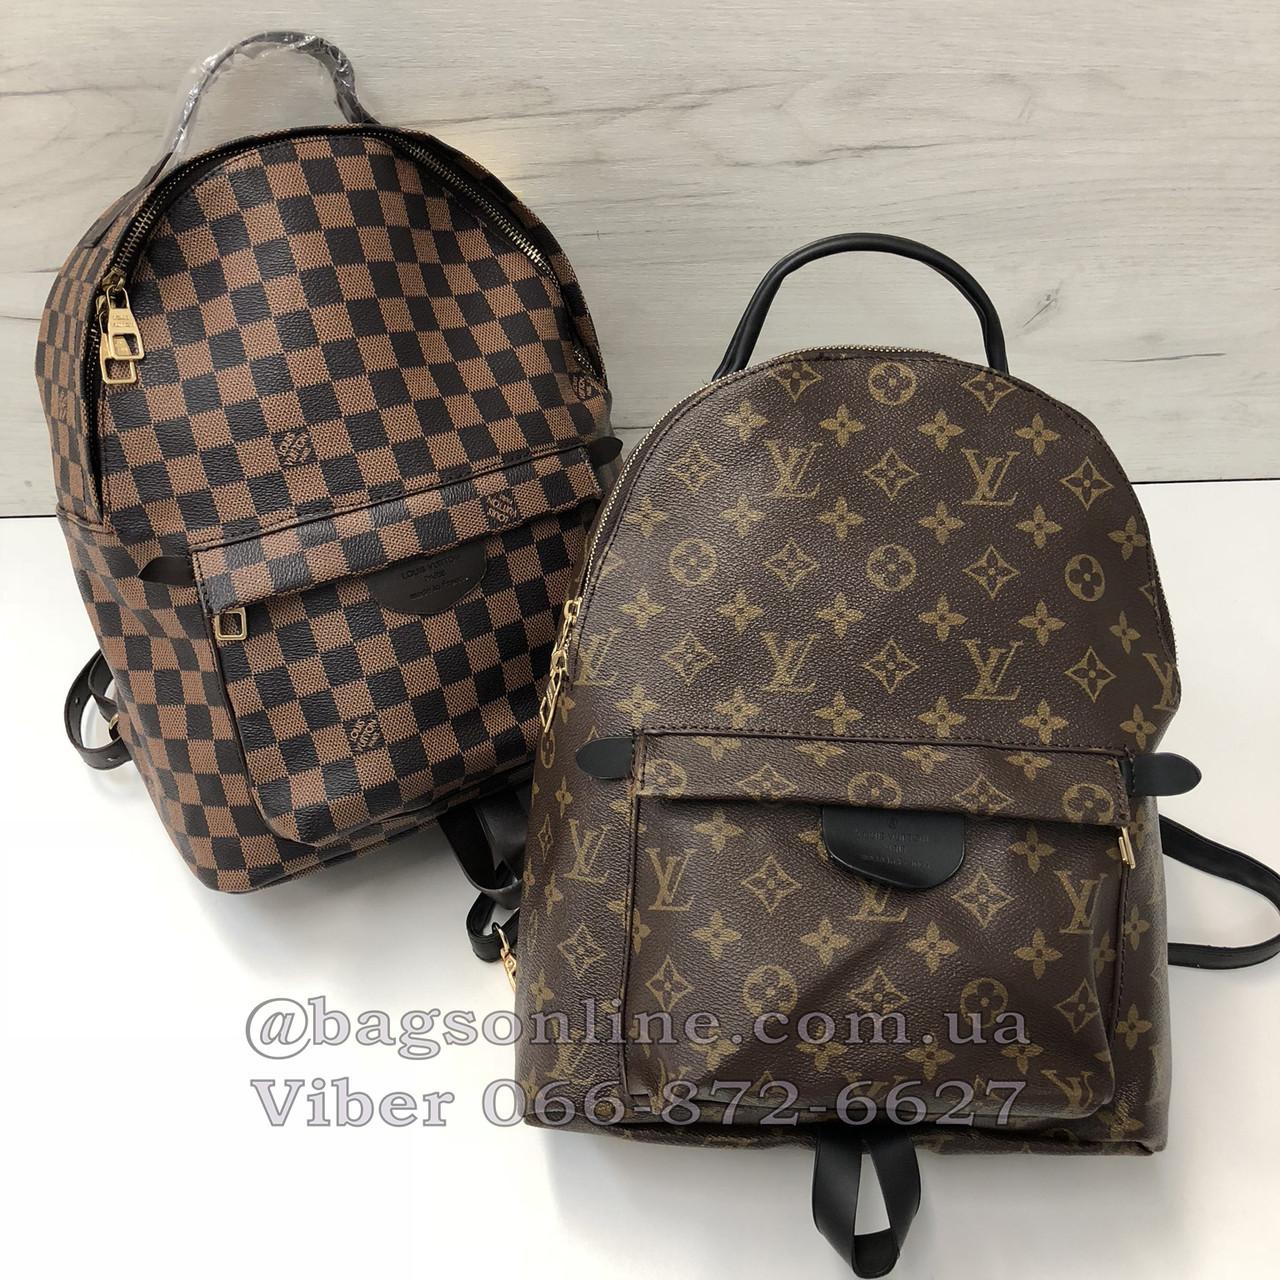 da3eff459adf Большой рюкзак Louis Vuitton | портфель луи виттон | lv лв квадрат  Коричневый - BagsOnline -